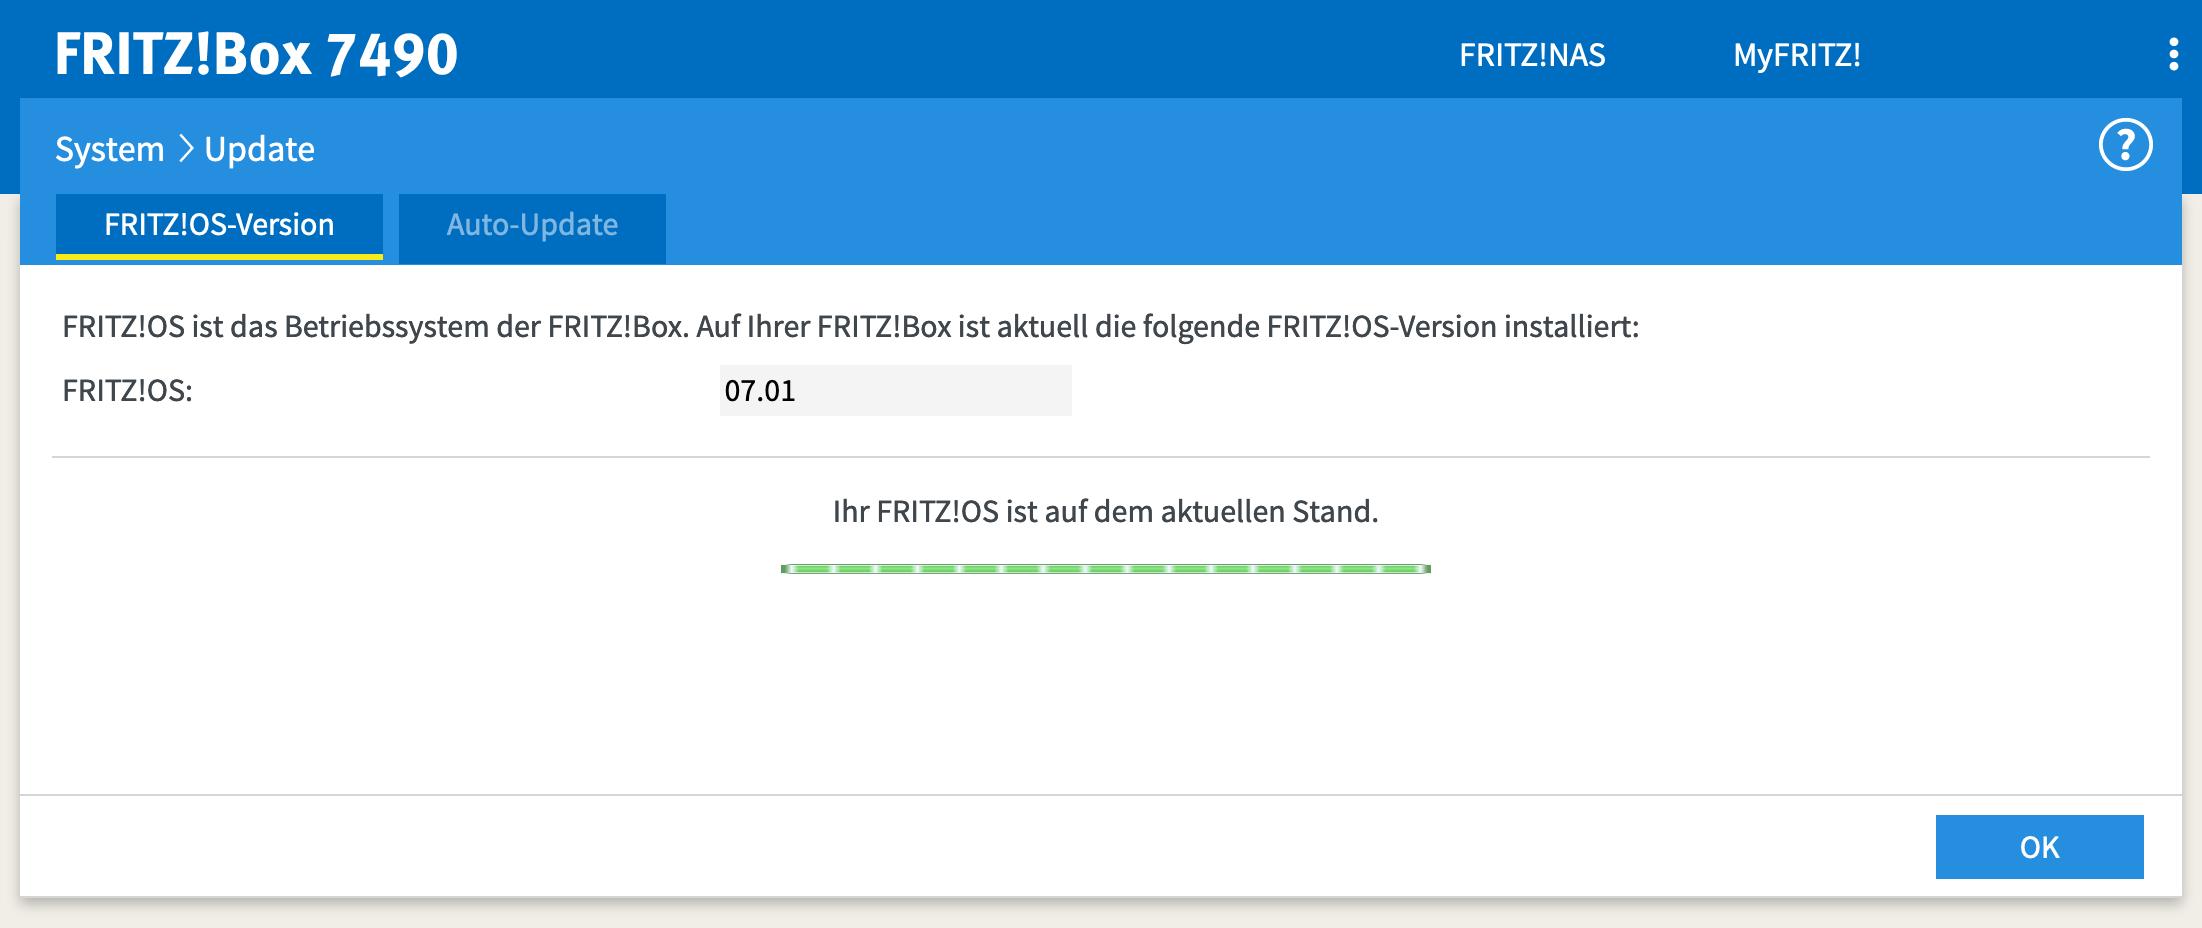 Wichtig ist, dass die FritzBox FritzOS 7 unterstützt.